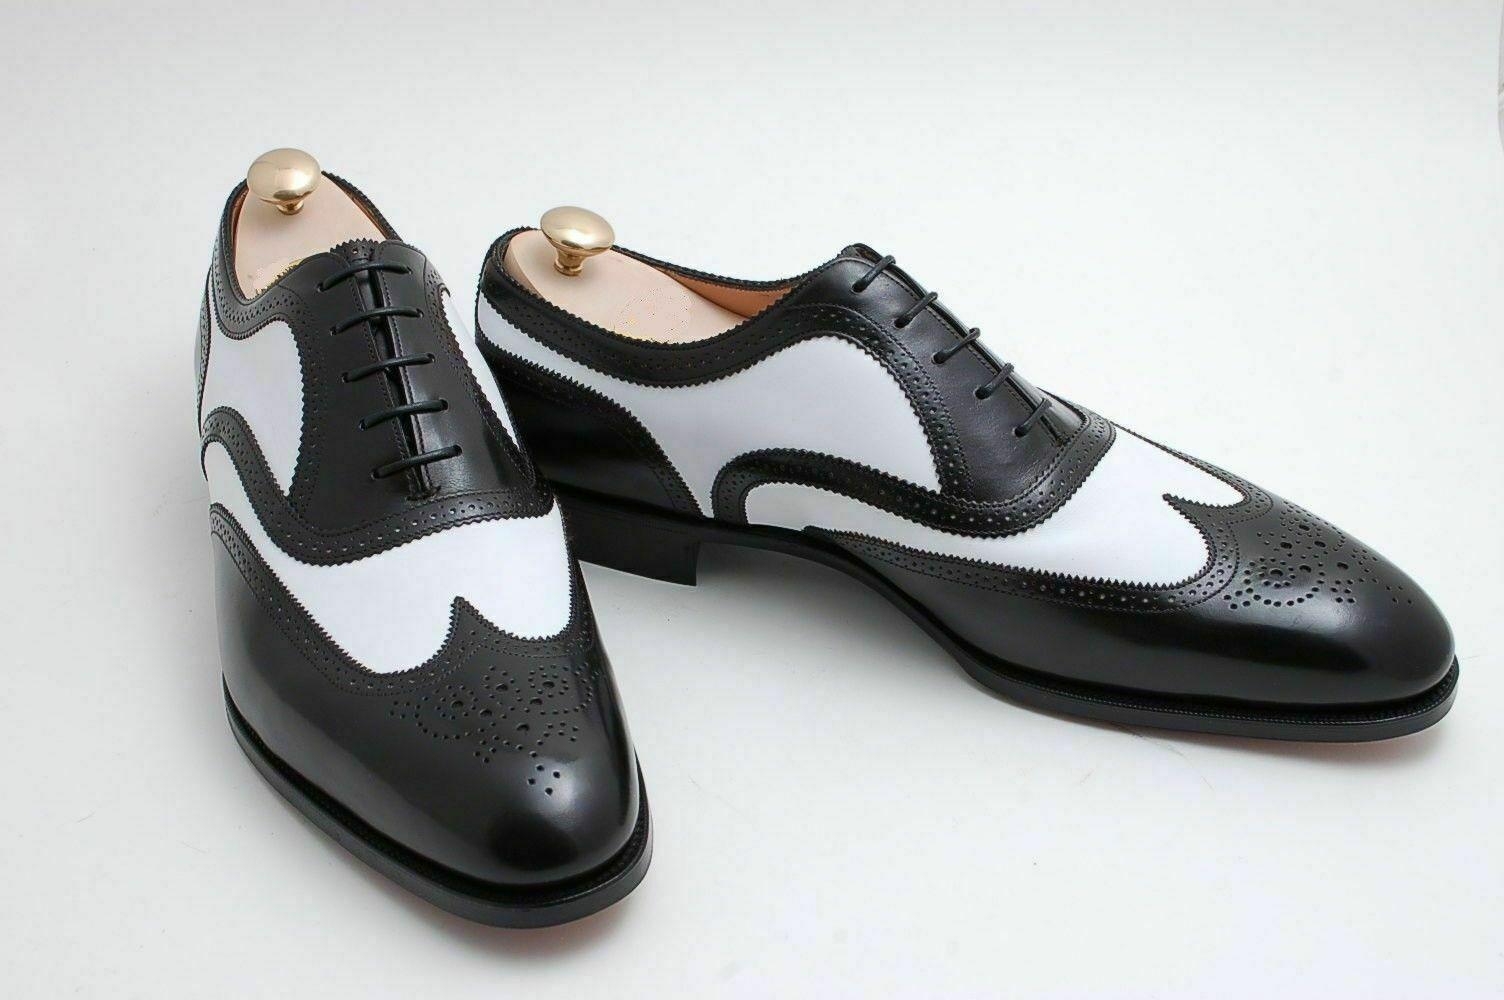 Handgemachte echte schwarze & weiße Leder Oxford Brogue Wingtip Schnürschuhe